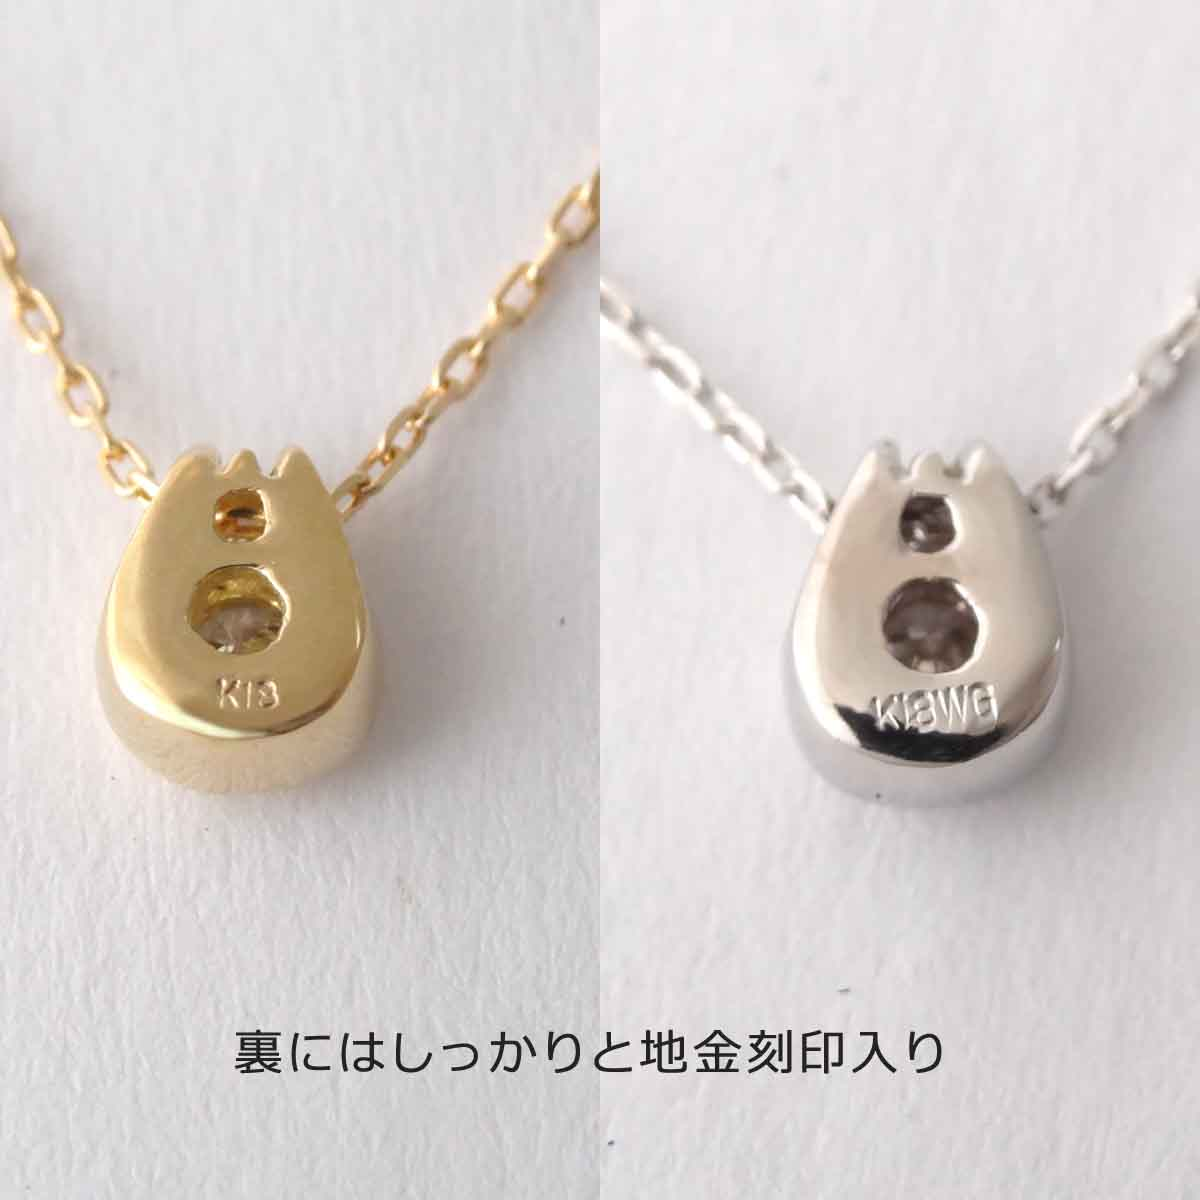 ダイヤモンド プチ 馬蹄 ネックレス ペンダント K18 0.048ct 普段使い 普段づかい プレゼント ギフト